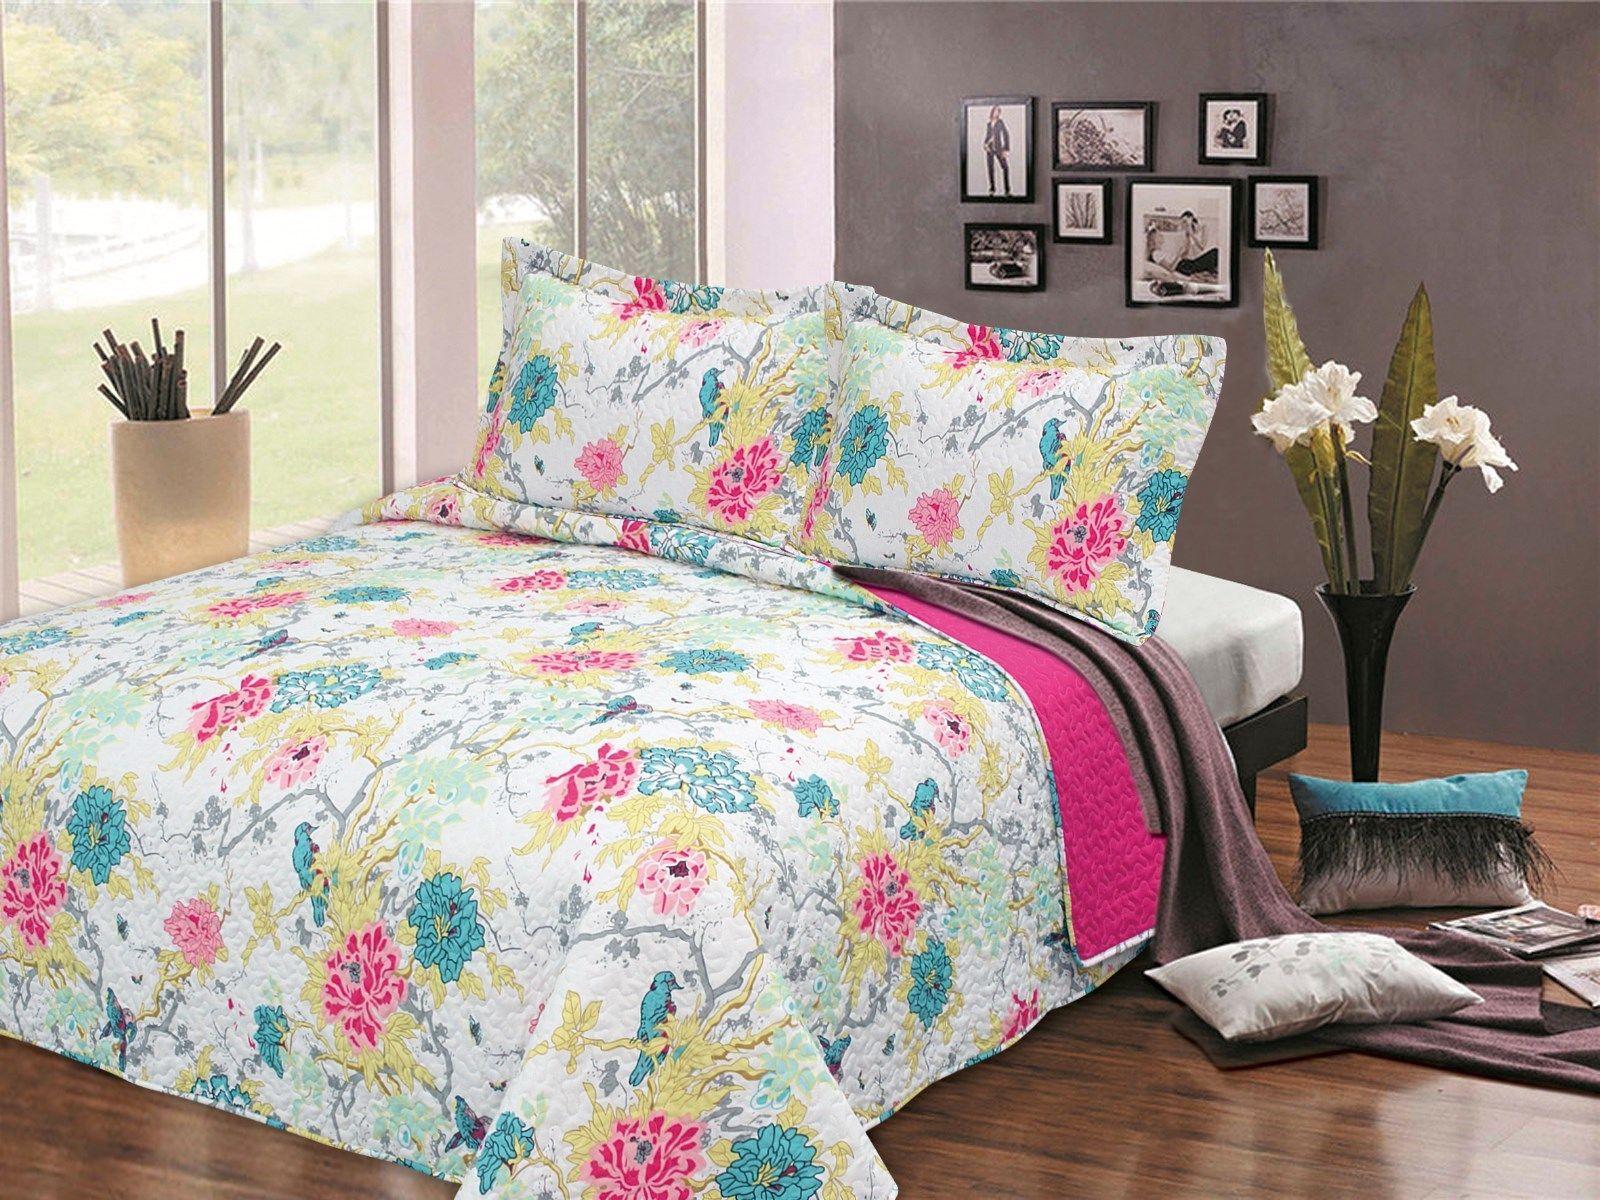 King Teal Flowers Bedspread